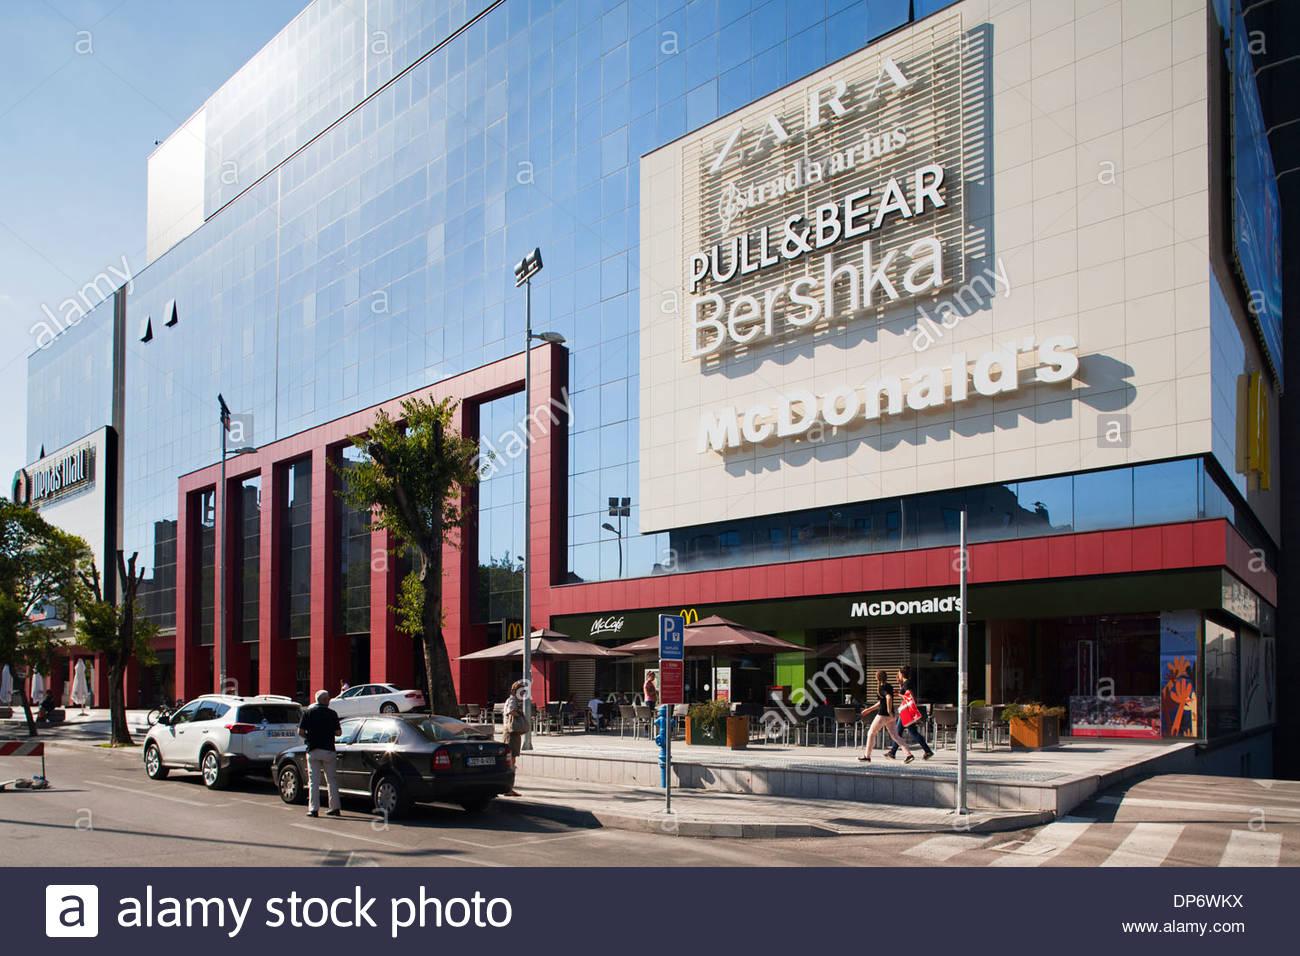 shopping center,west side,mostar,bosnia and herzegovina,europe - Stock Image